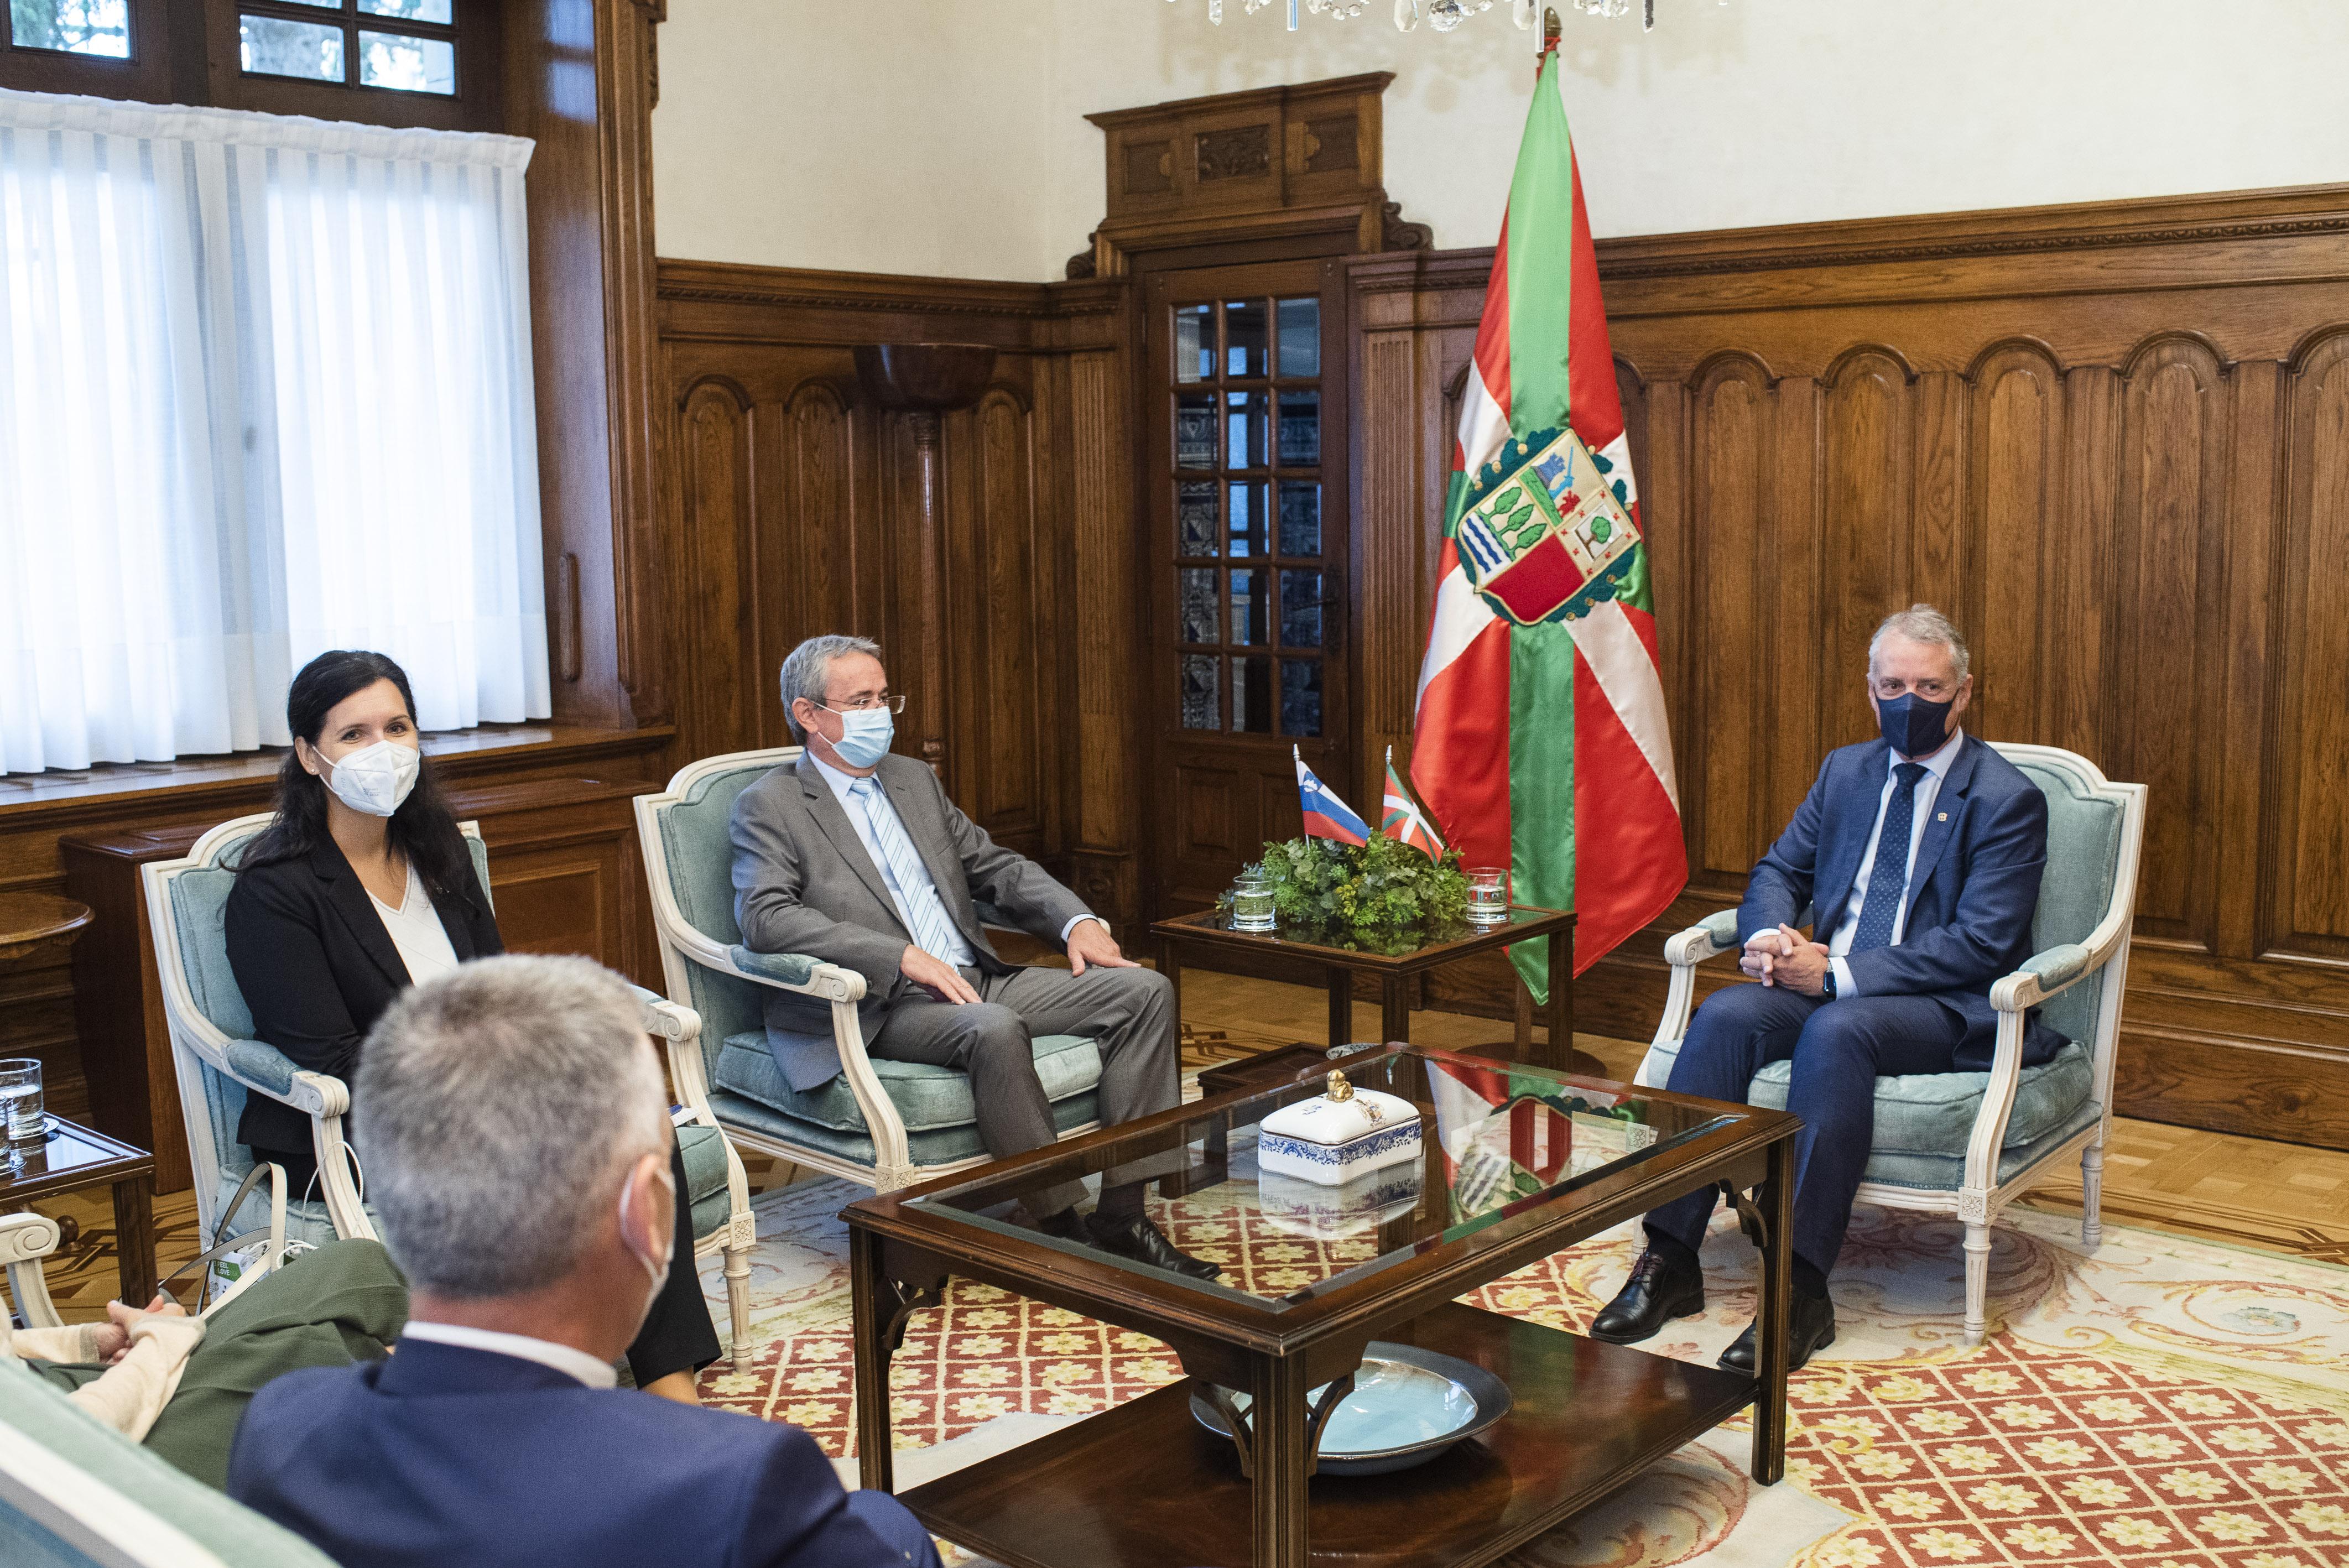 Embajador_eslovenia_ajuriaenea21-9-2021_usual-1404.jpg